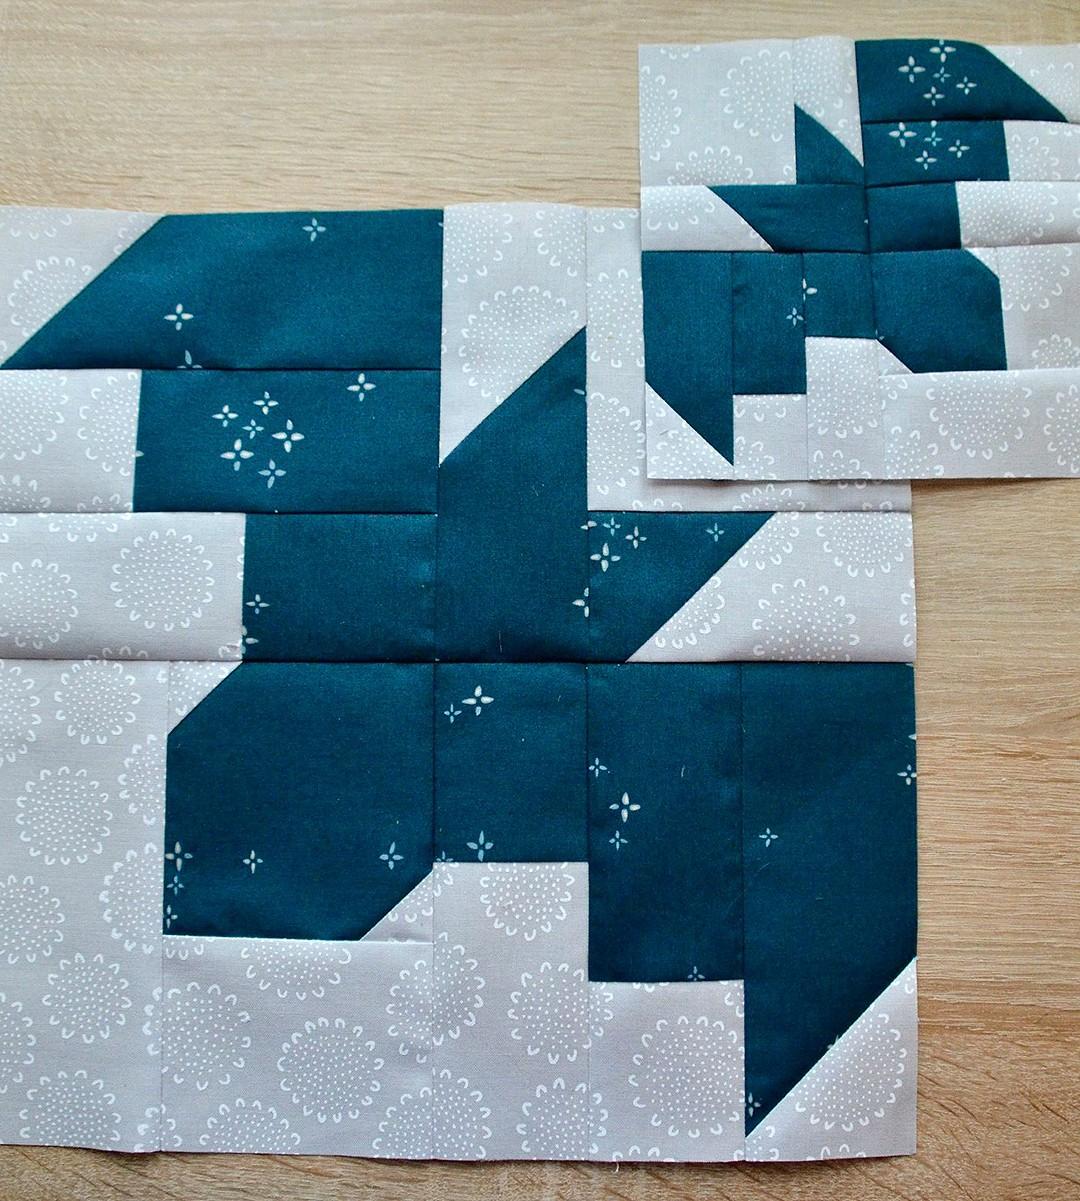 Bat quilt blocks